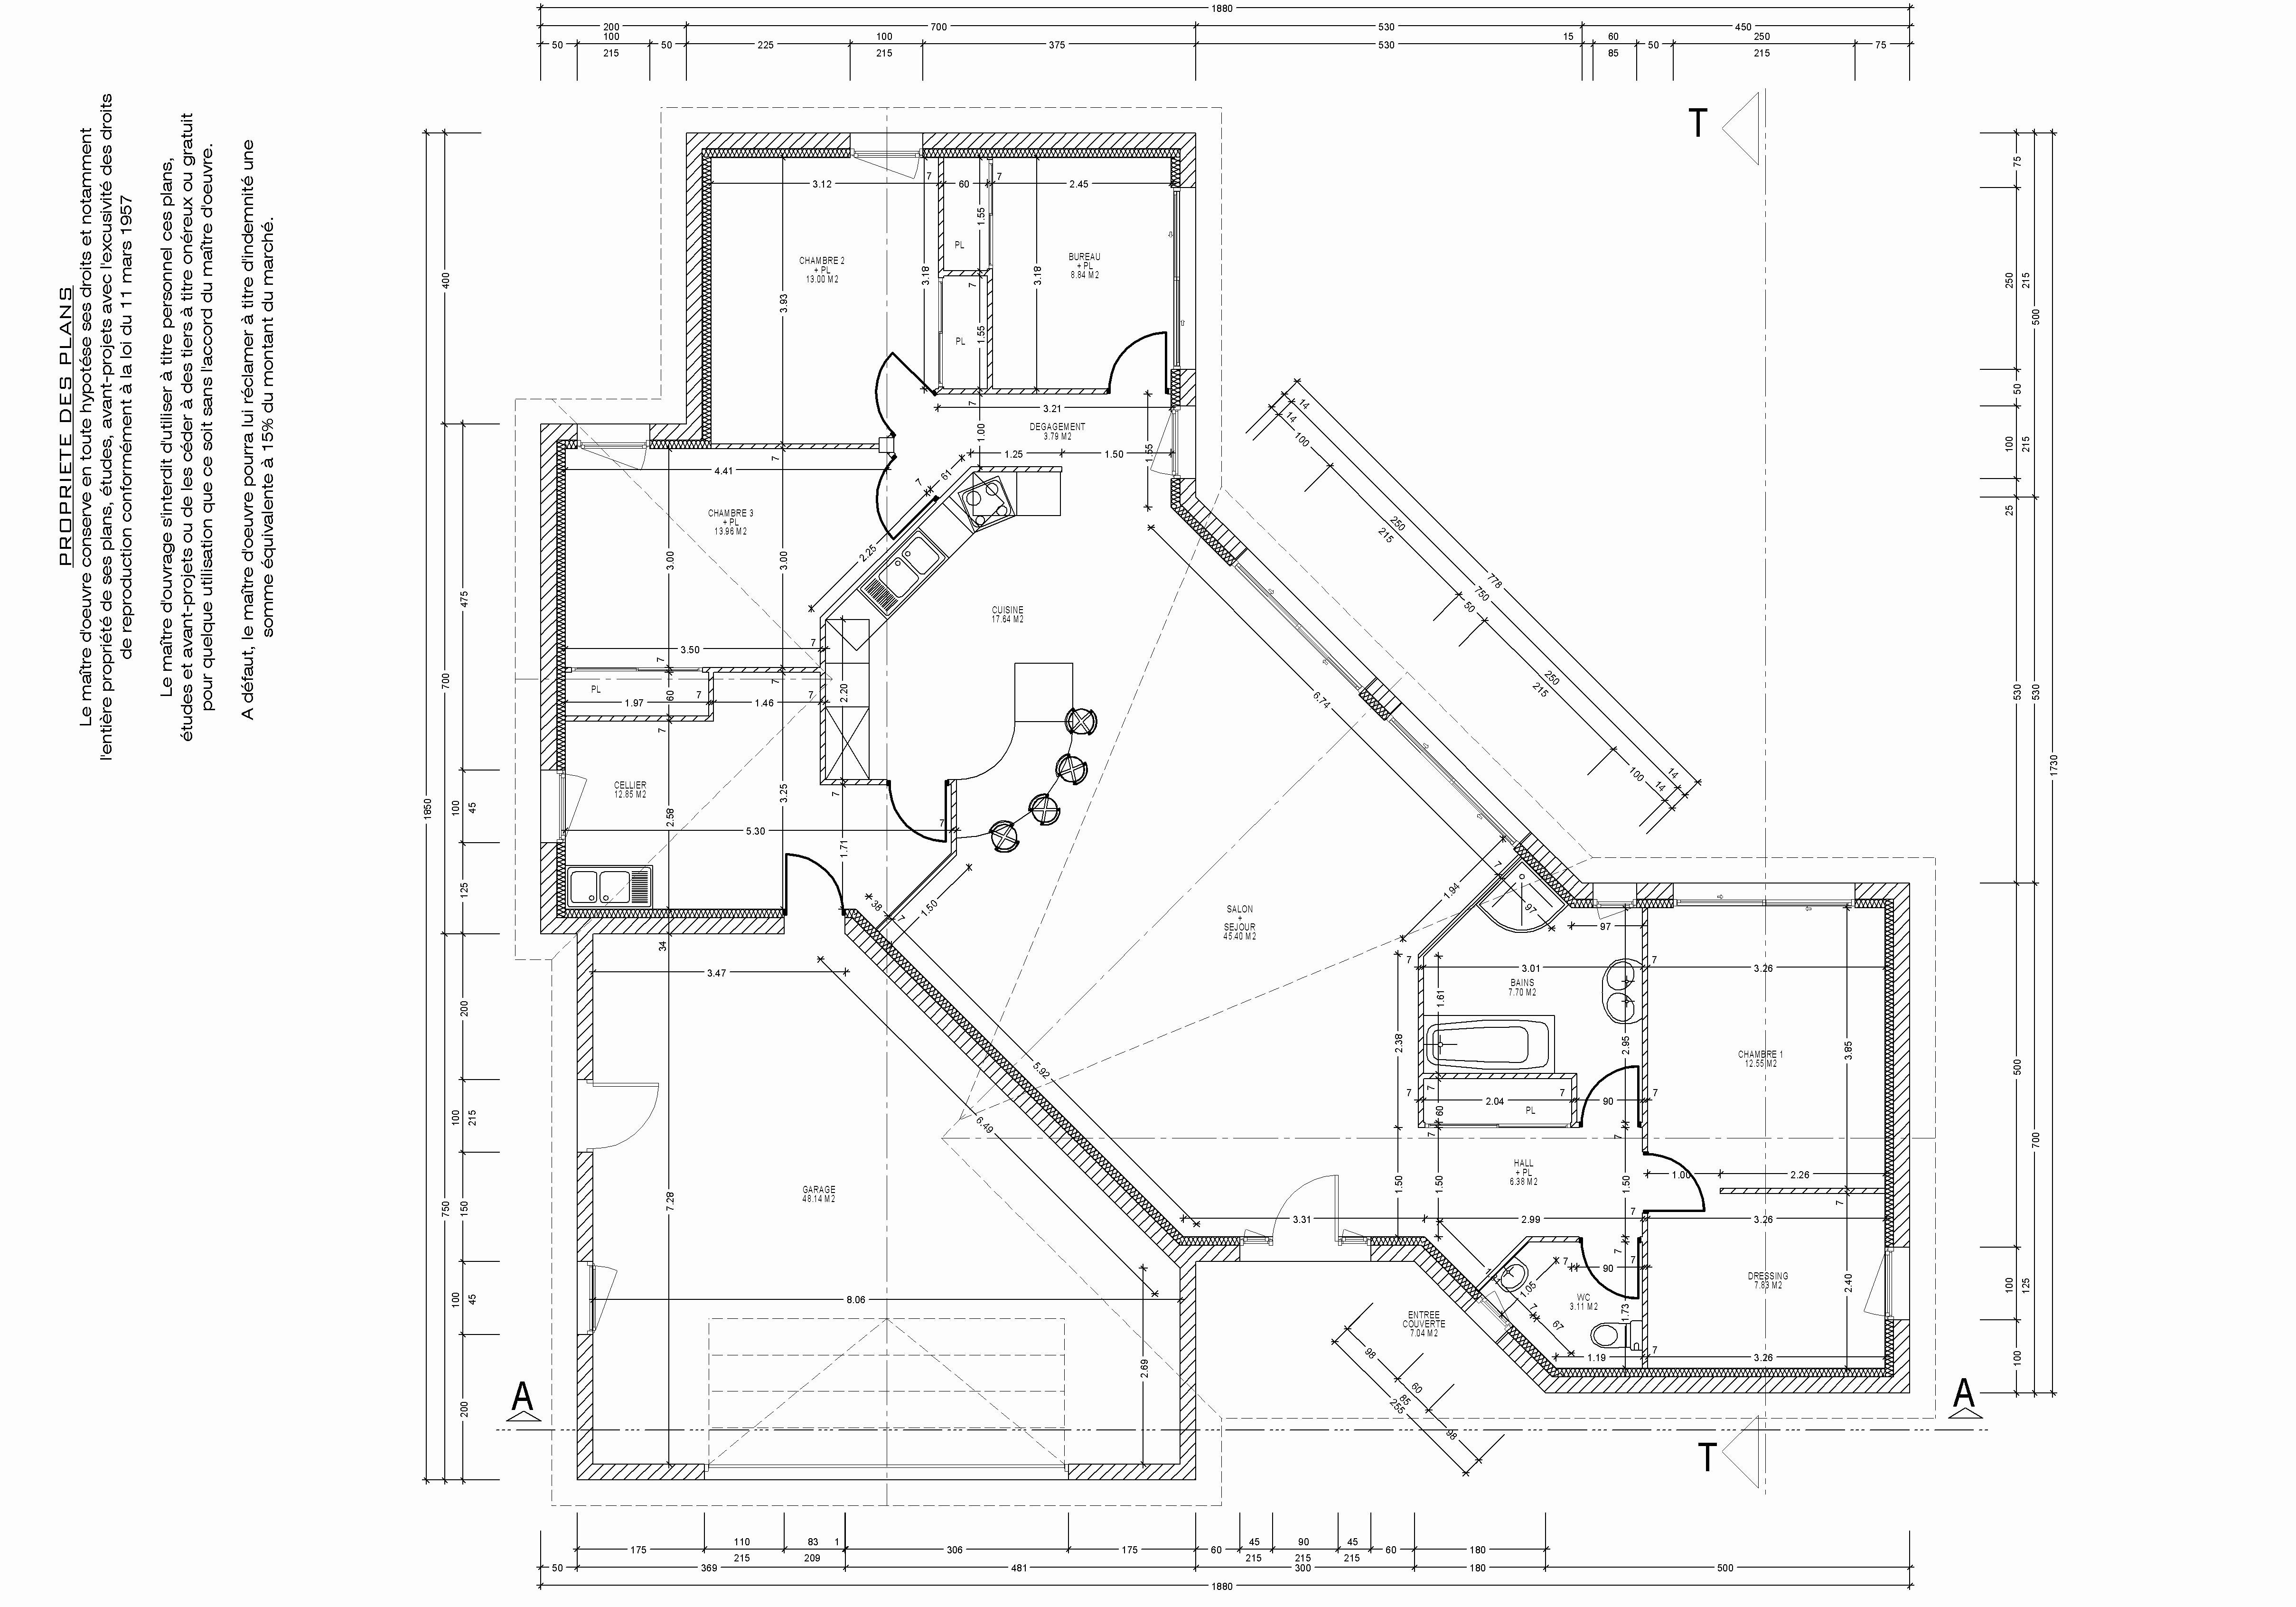 Toiture Abri De Jardin Brico Depot Luxe Galerie 42 Inspiration S De Abri De Jardin toit Une Pente